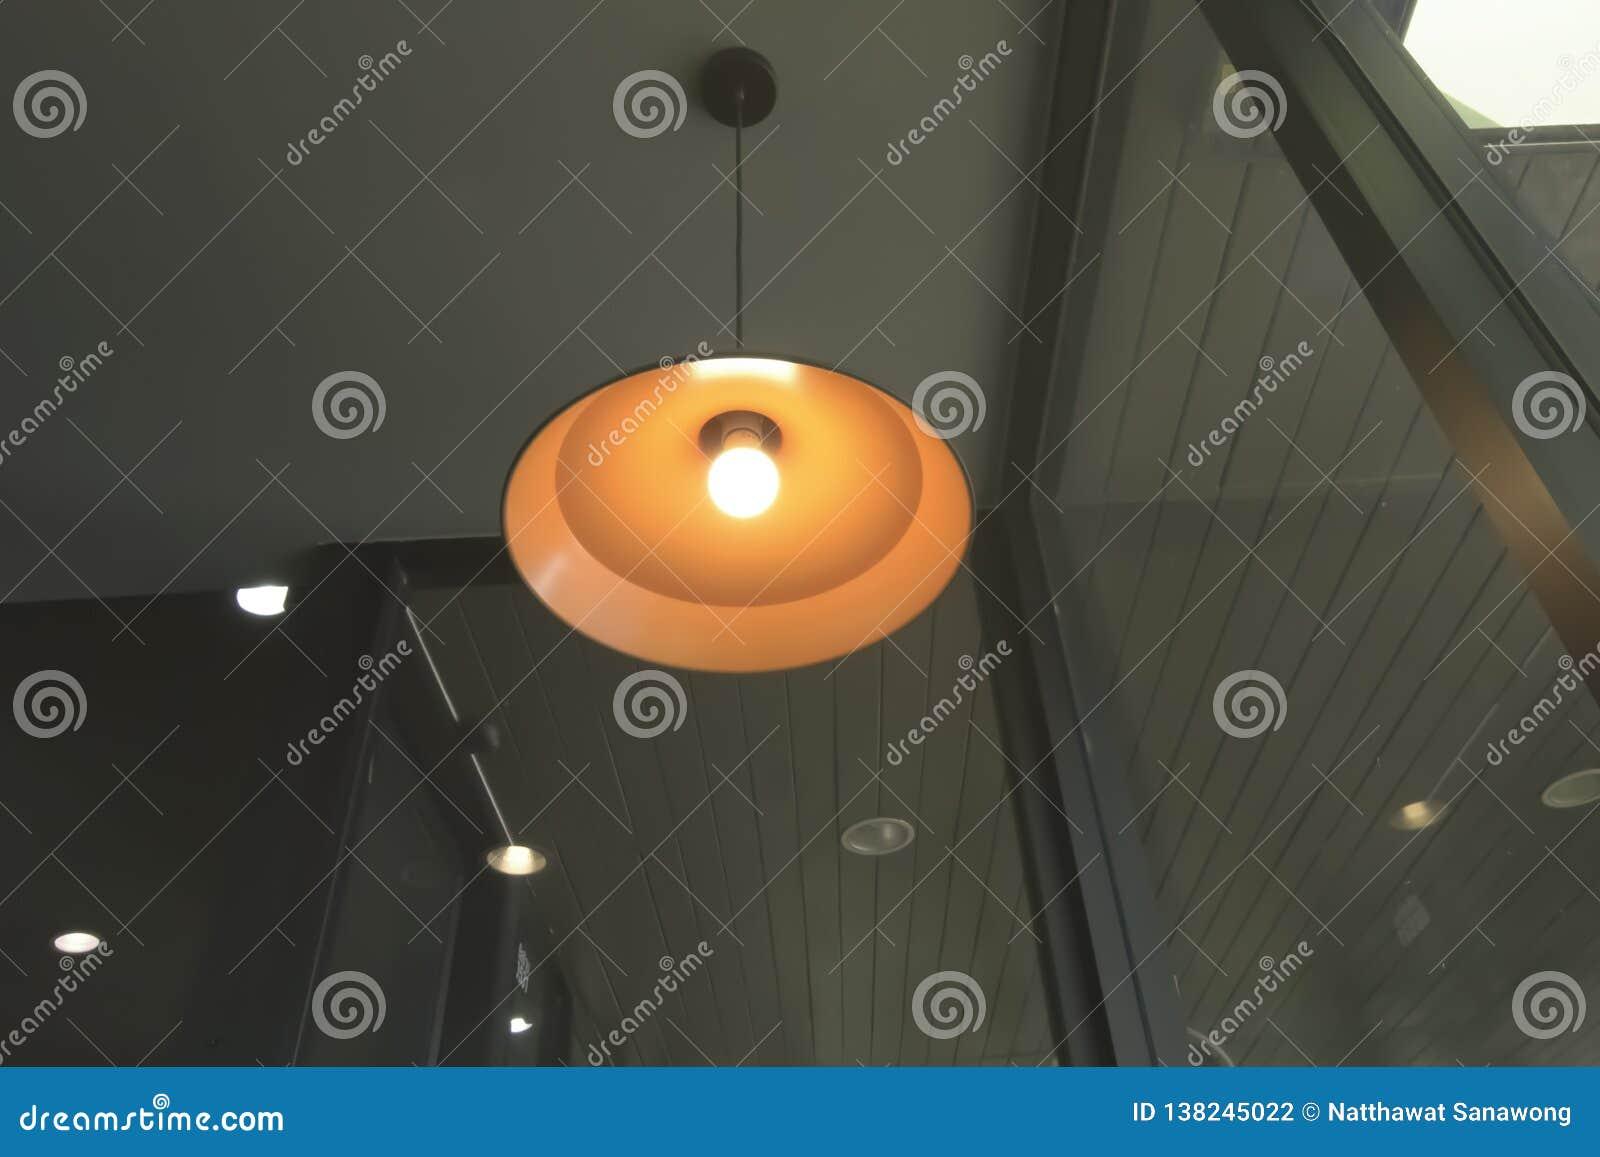 Lâmpada retro bonita luxuosa da luz de edison do teto à moda do círculo do cair para sentar-se